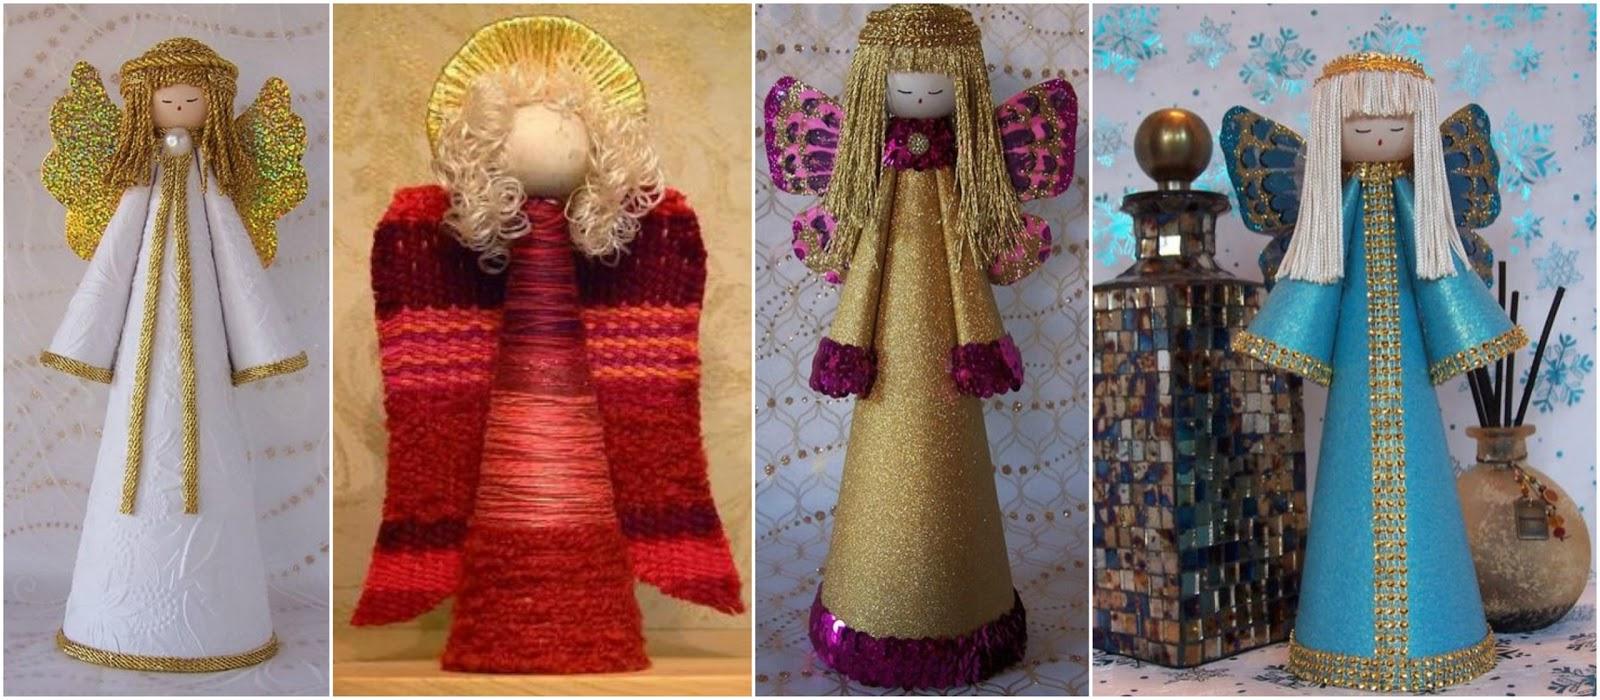 Aprende c mo hacer angelitos para el rbol de navidad for Salones decorados para navidad